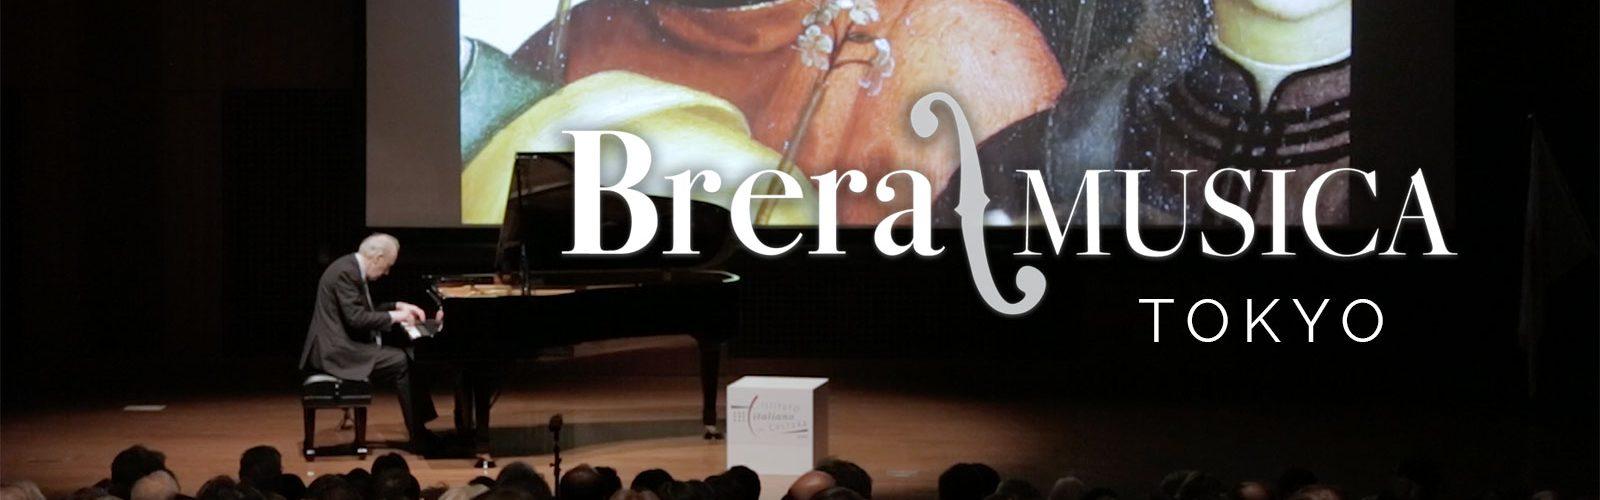 Concerto internazionale | Brera/Musica a Tokyo